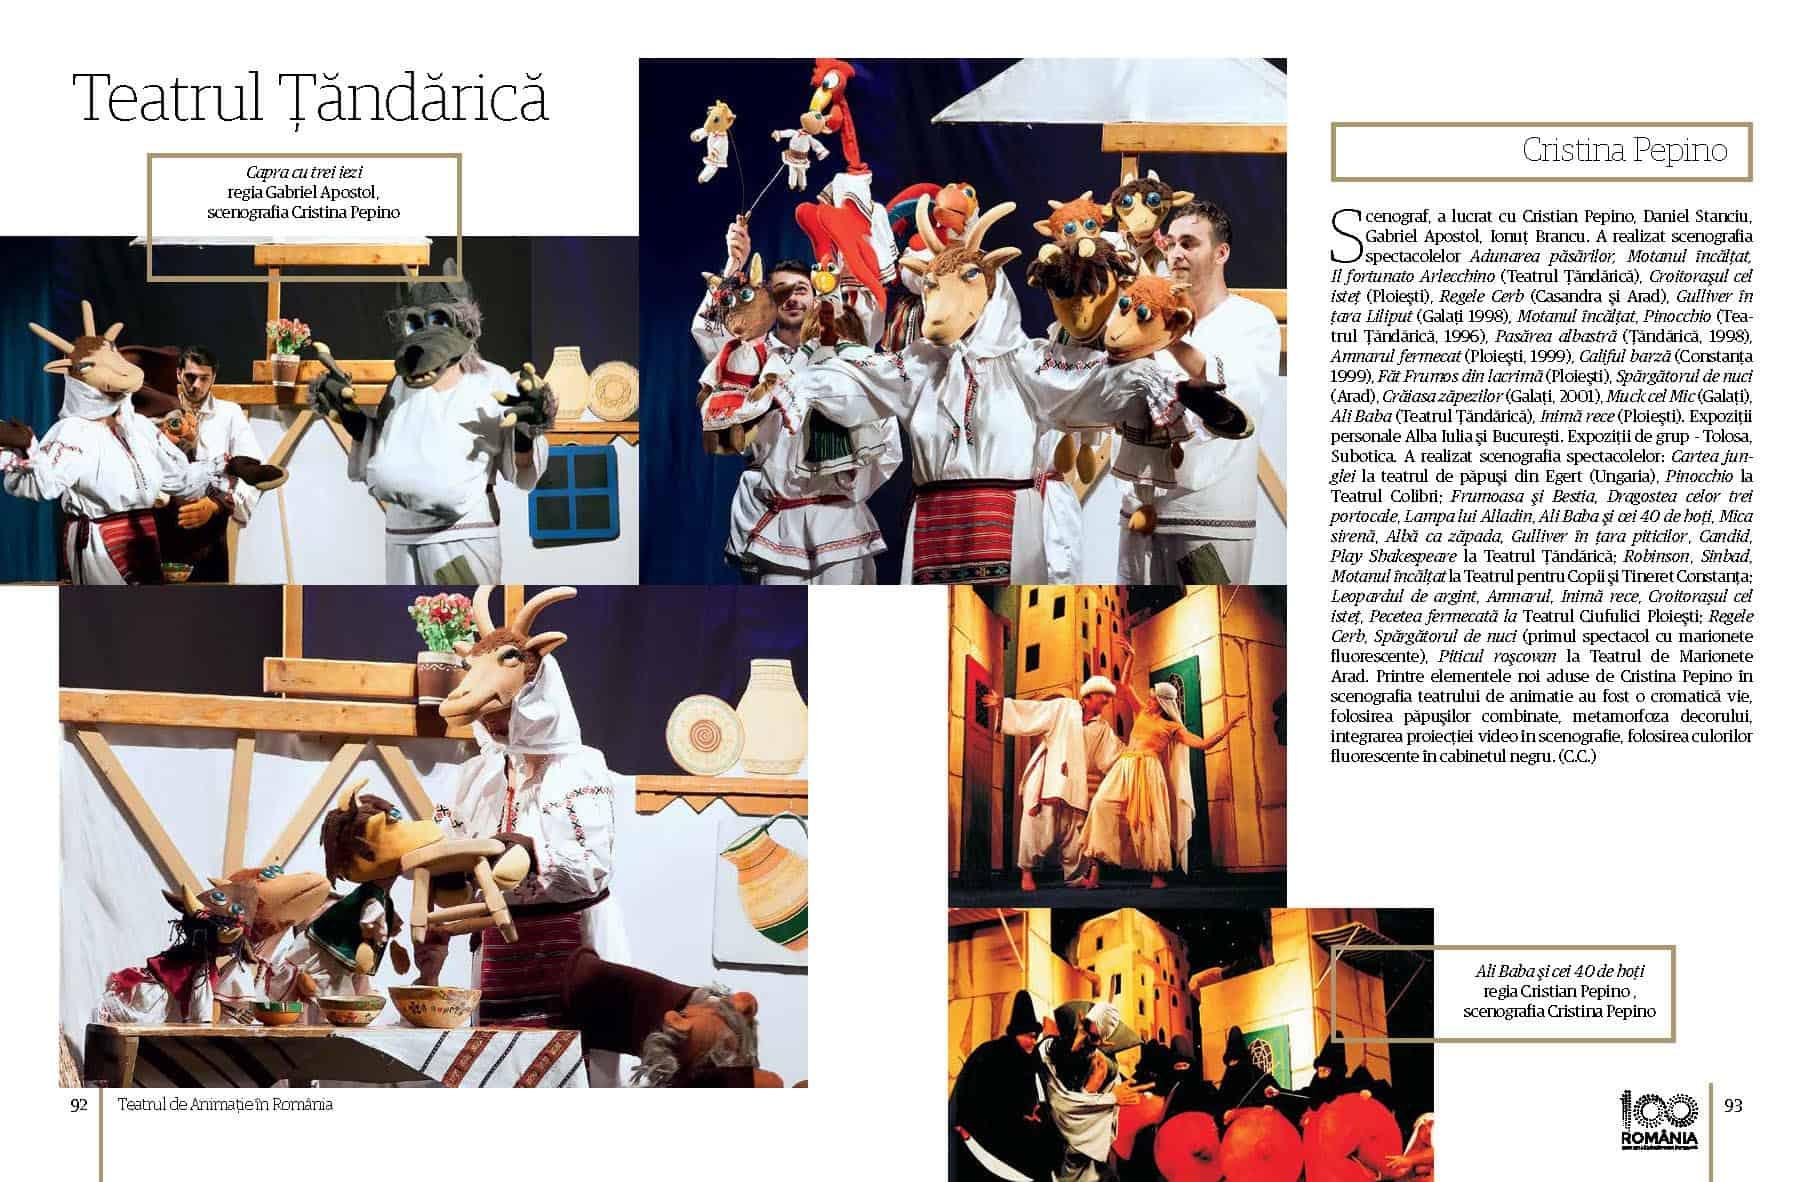 Album Teatrul de Animatie in Romania final preview fata in fata Page 47